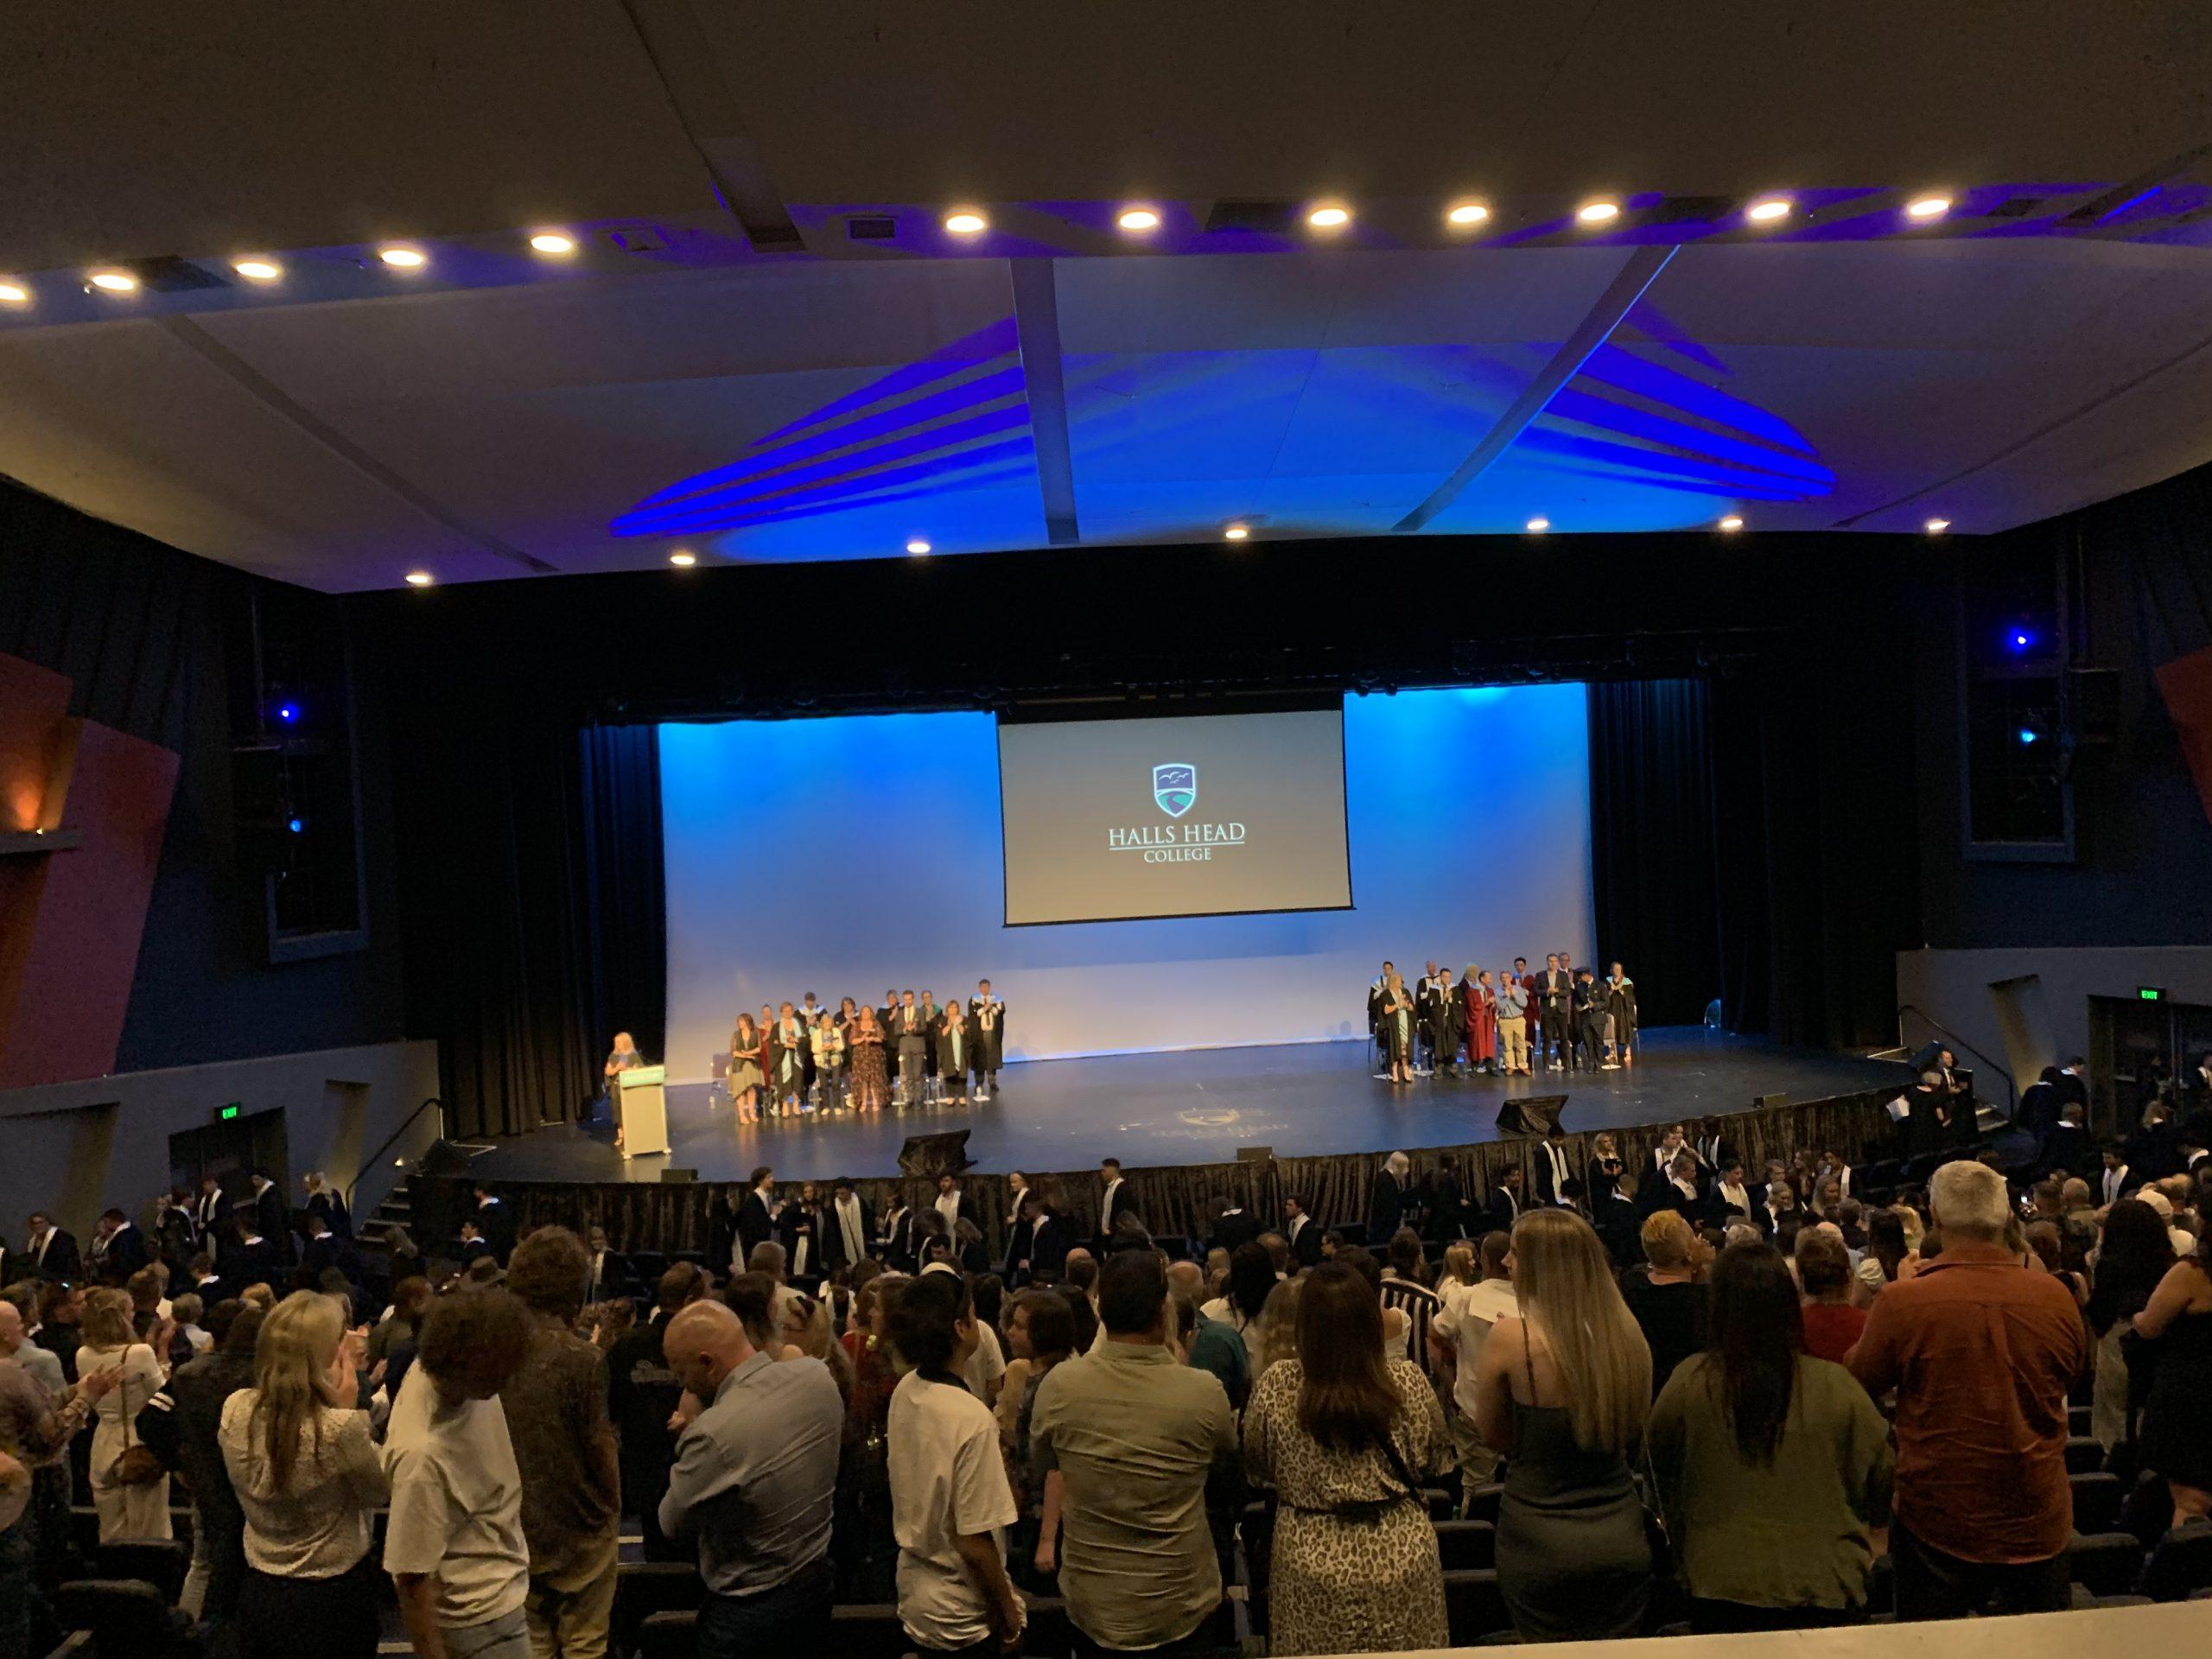 オーストラリアの高校卒業式